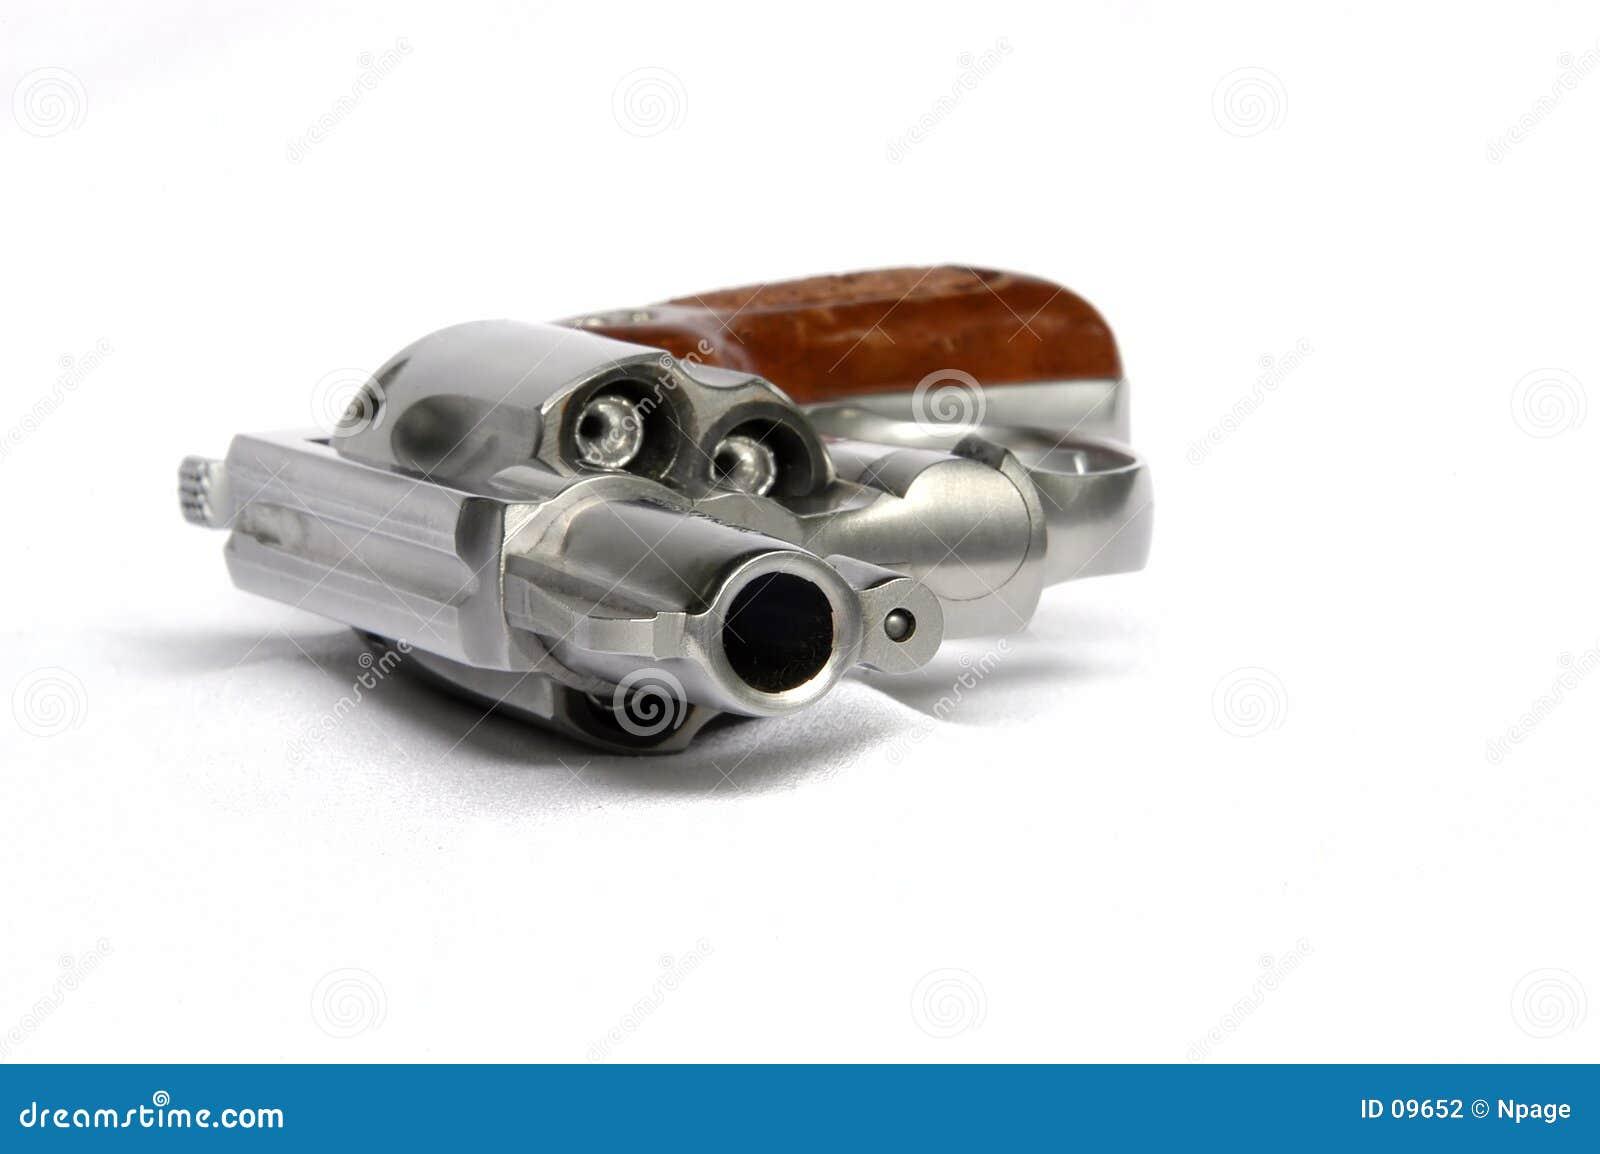 Pistol No2